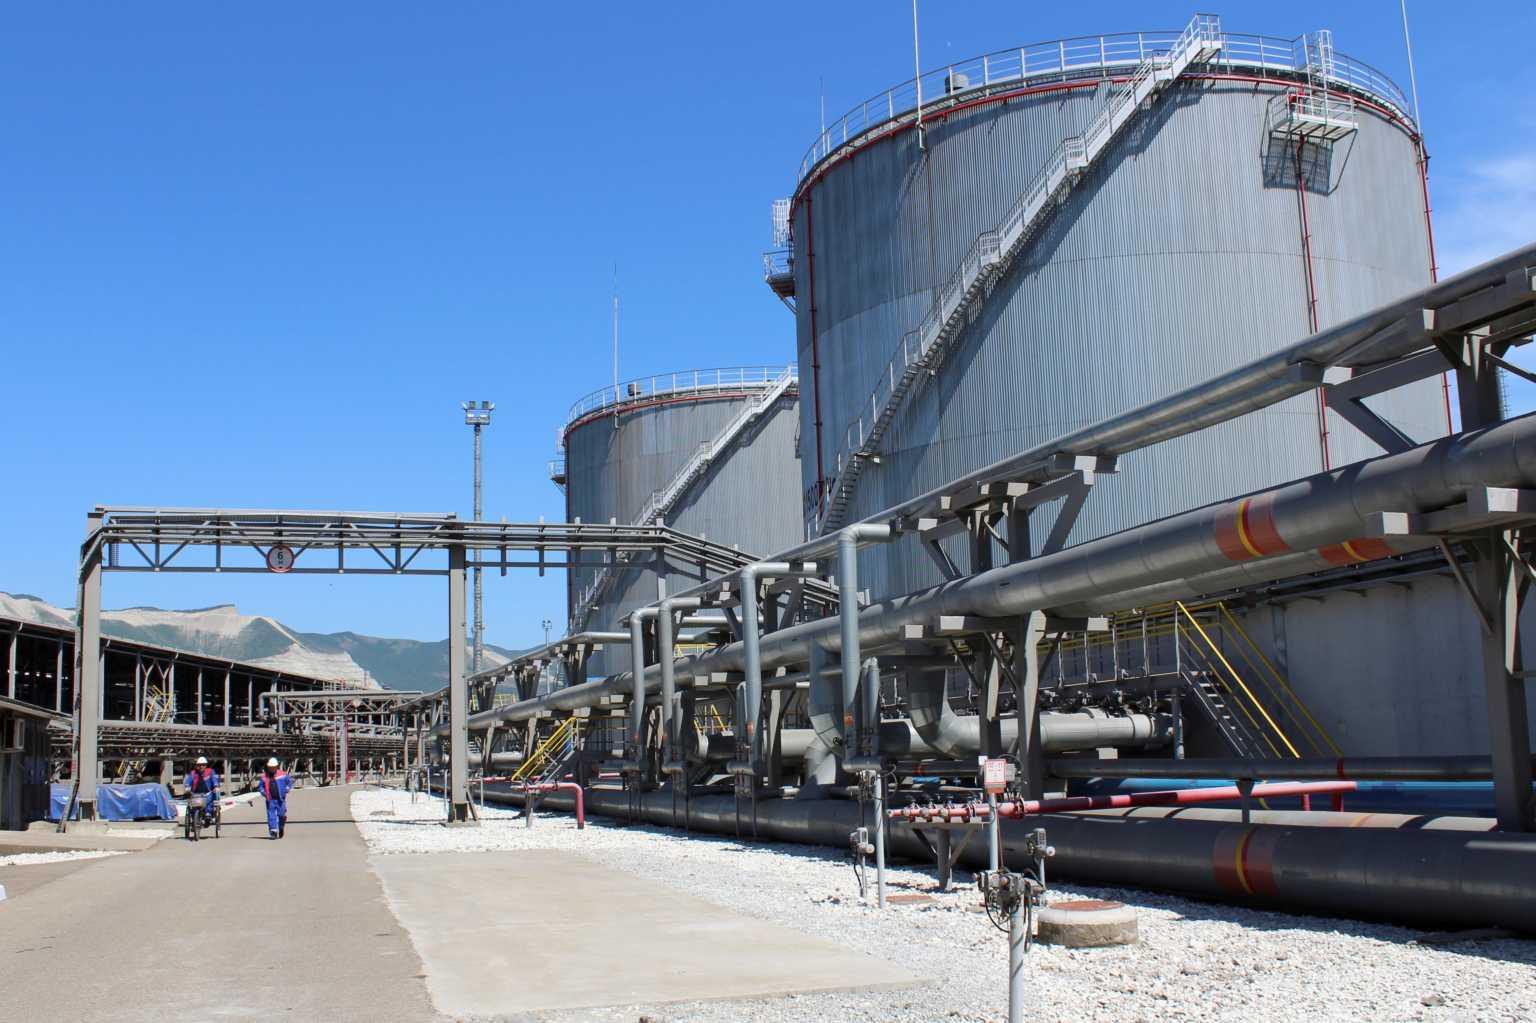 Πετρέλαιο: Έρχεται αύξηση της τιμής! Μείωση της παραγωγής κατά 9,7 εκατ. βαρέλια την ημέρα